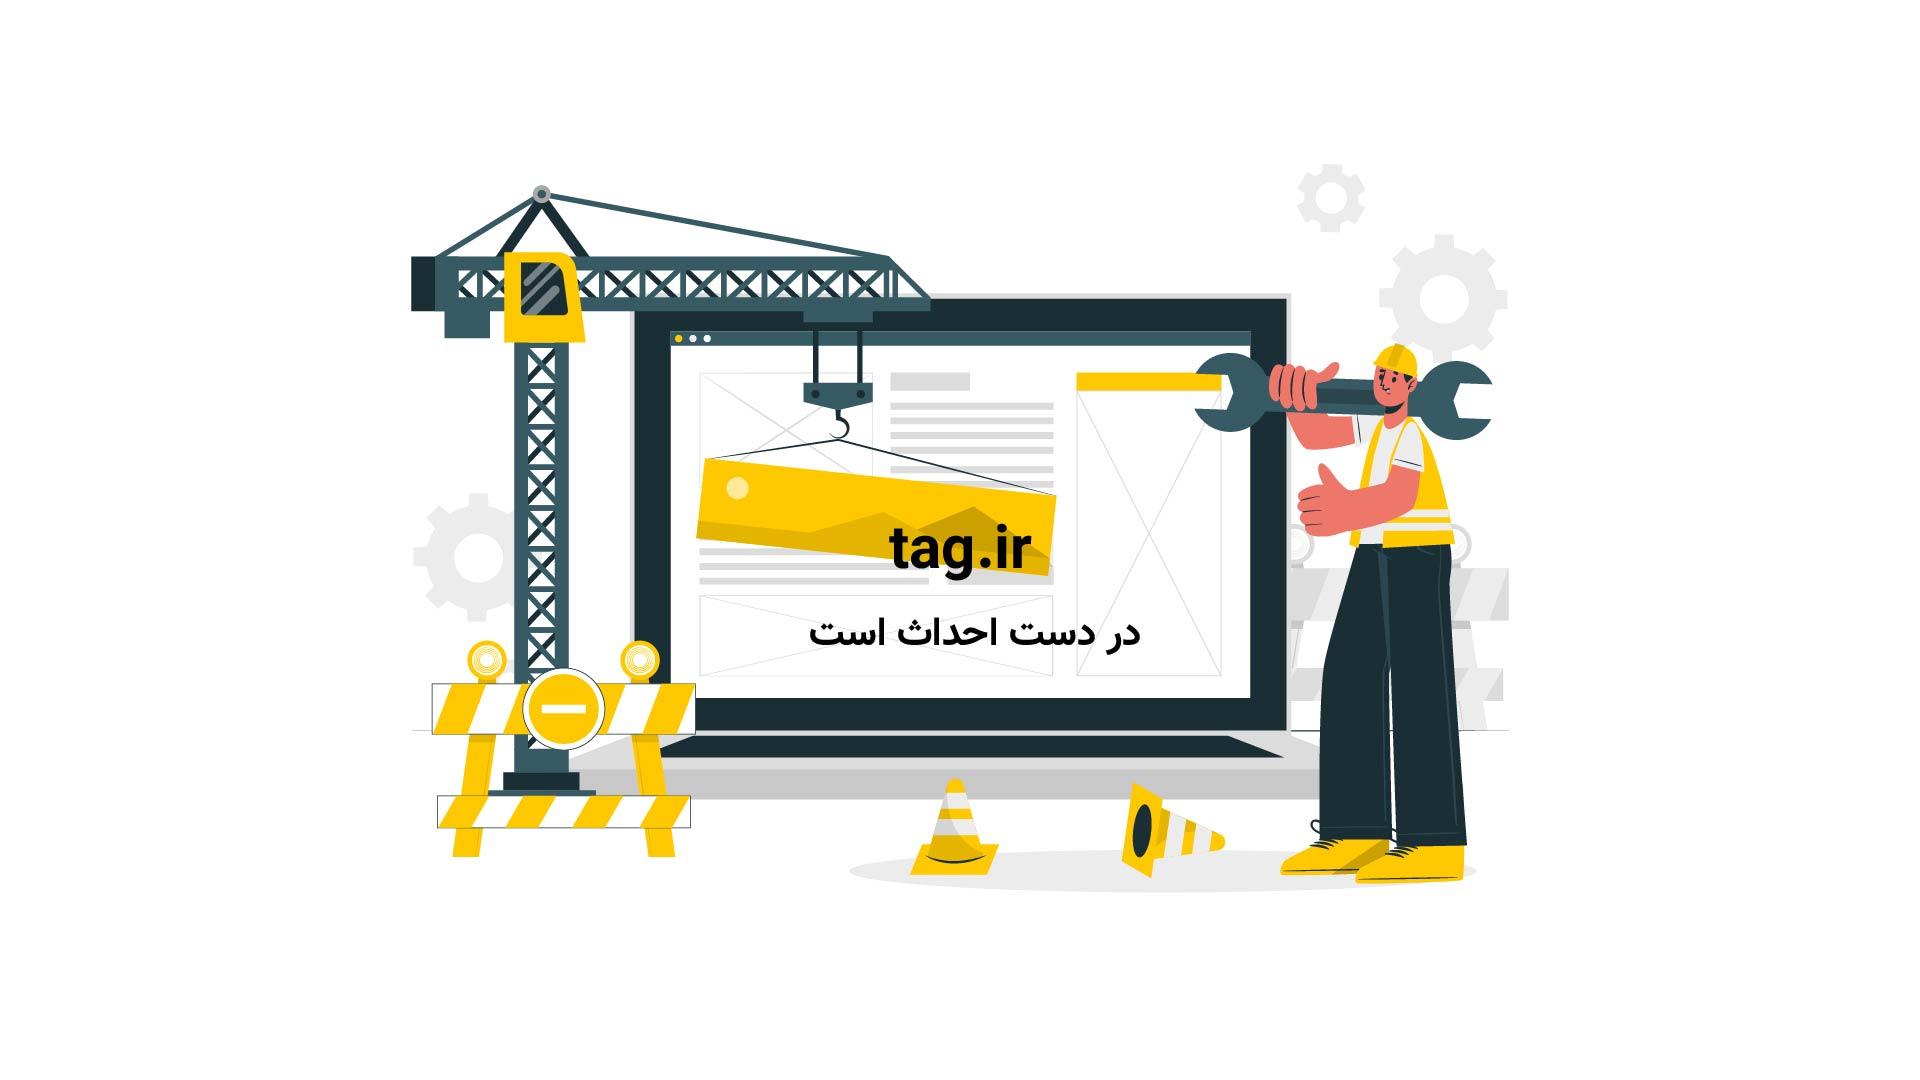 فیلم مزار شریف | تگ